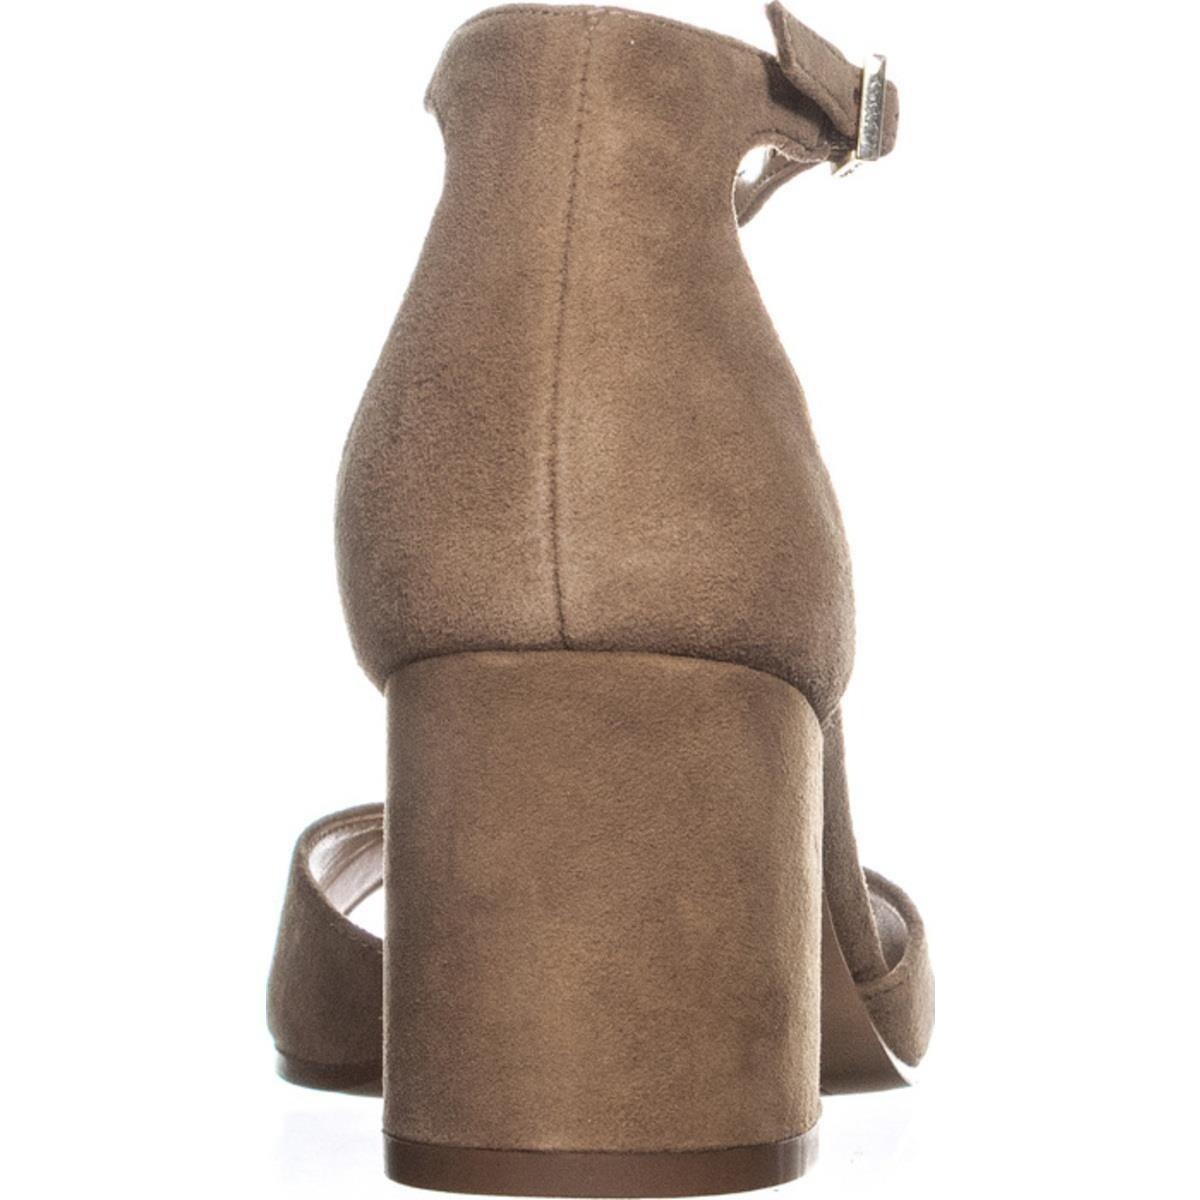 e079e23675b04e Shop Sam Edelman Susie Ankle Strap Dress Sandals